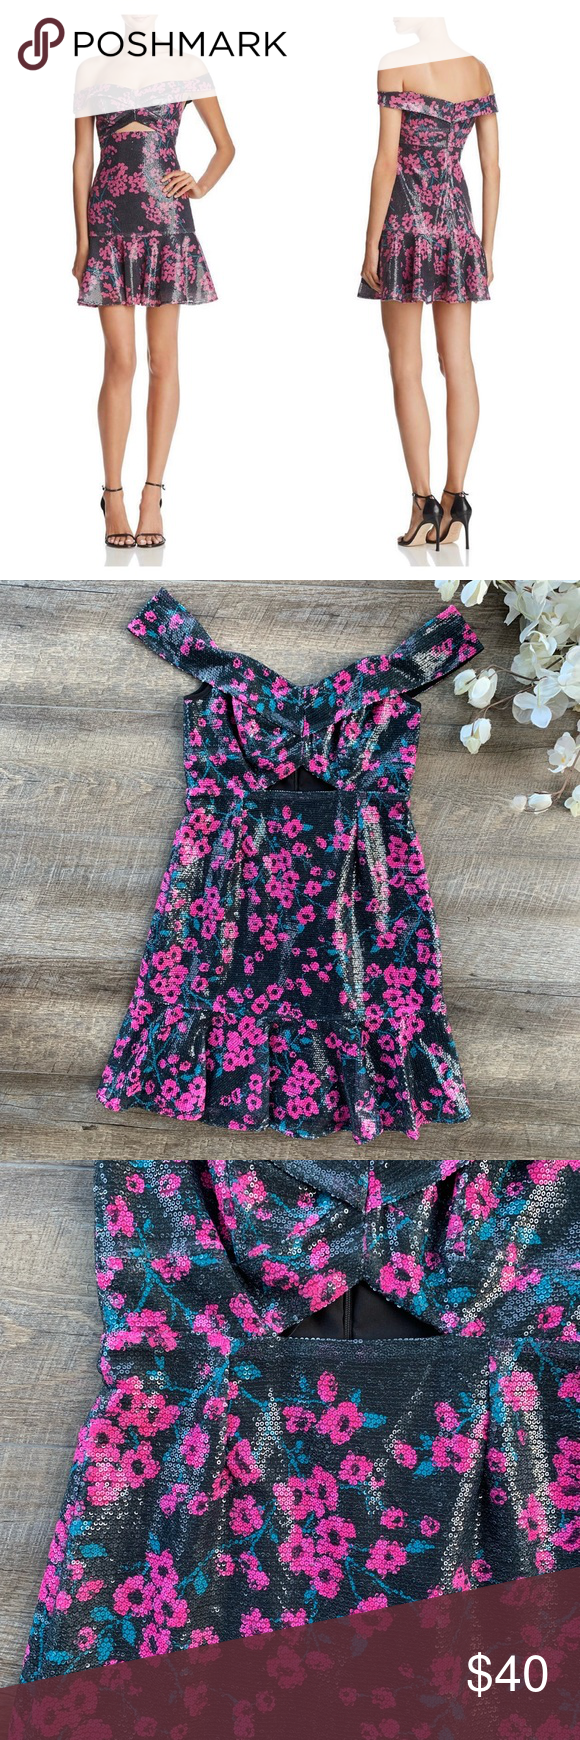 NWT WAYF Black Off the Shoulder Sequin Dress